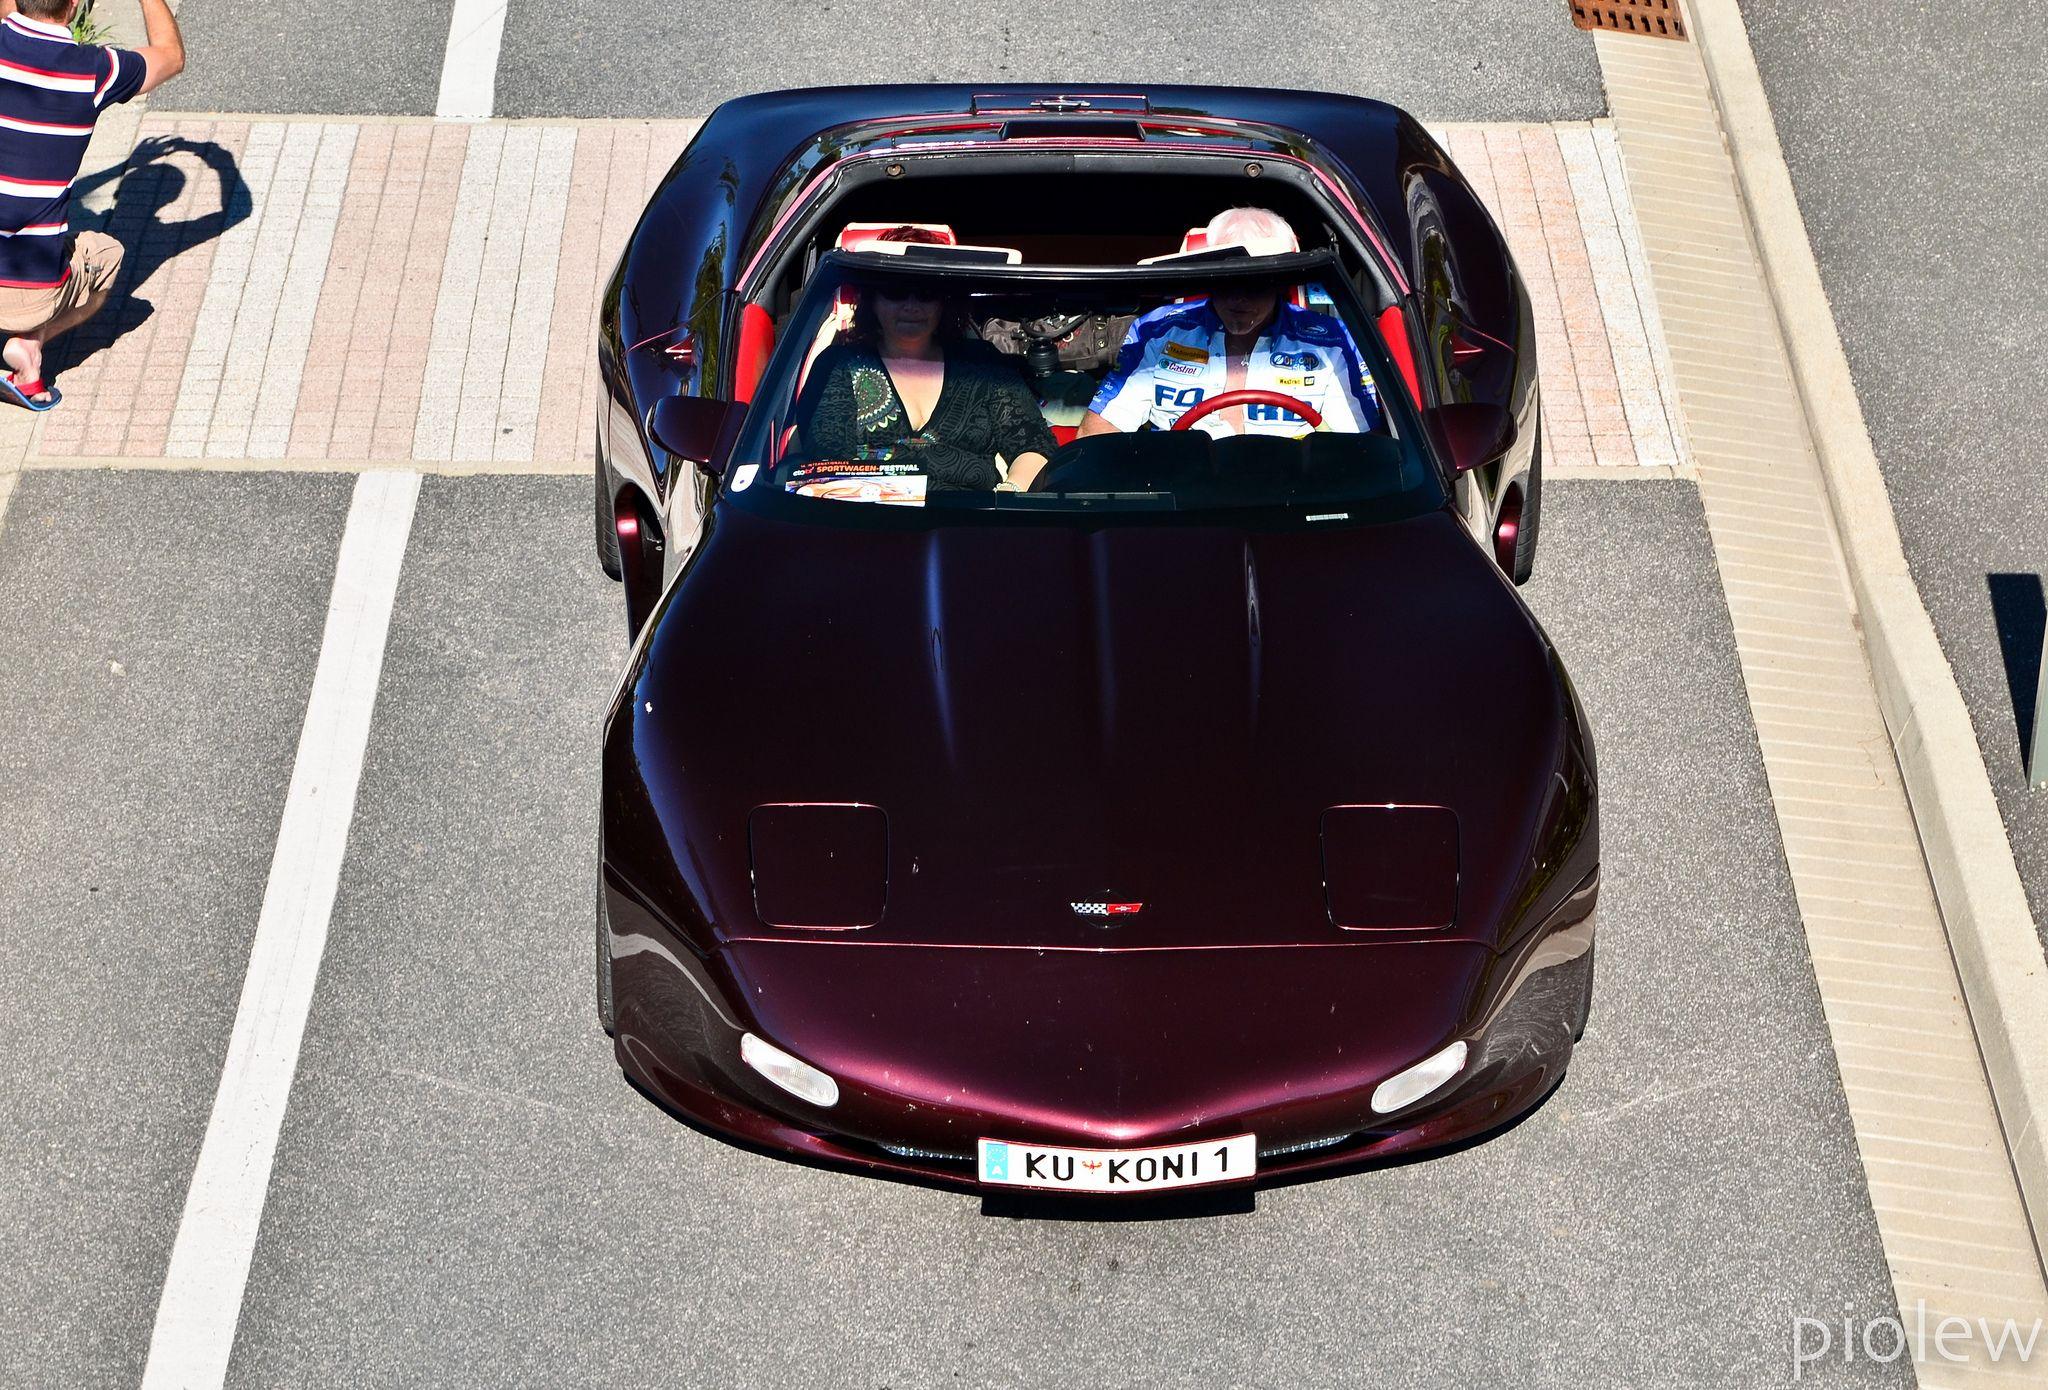 Chevrolet Geiger Corvette C4 Corvette C4 Corvette Chevrolet Corvette C4